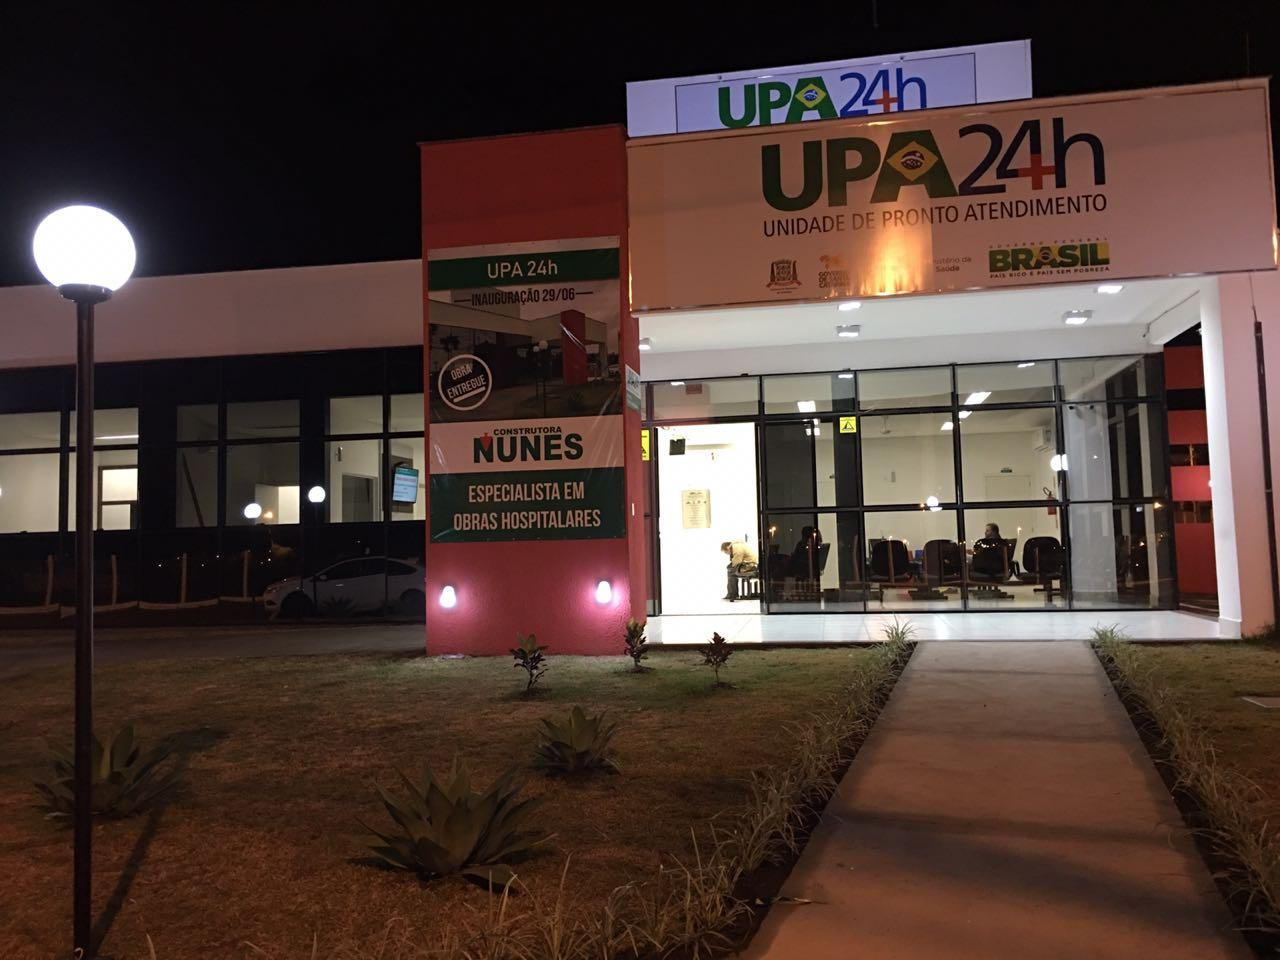 UPA registra mais de 7 mil atendimentos no primeiro mês